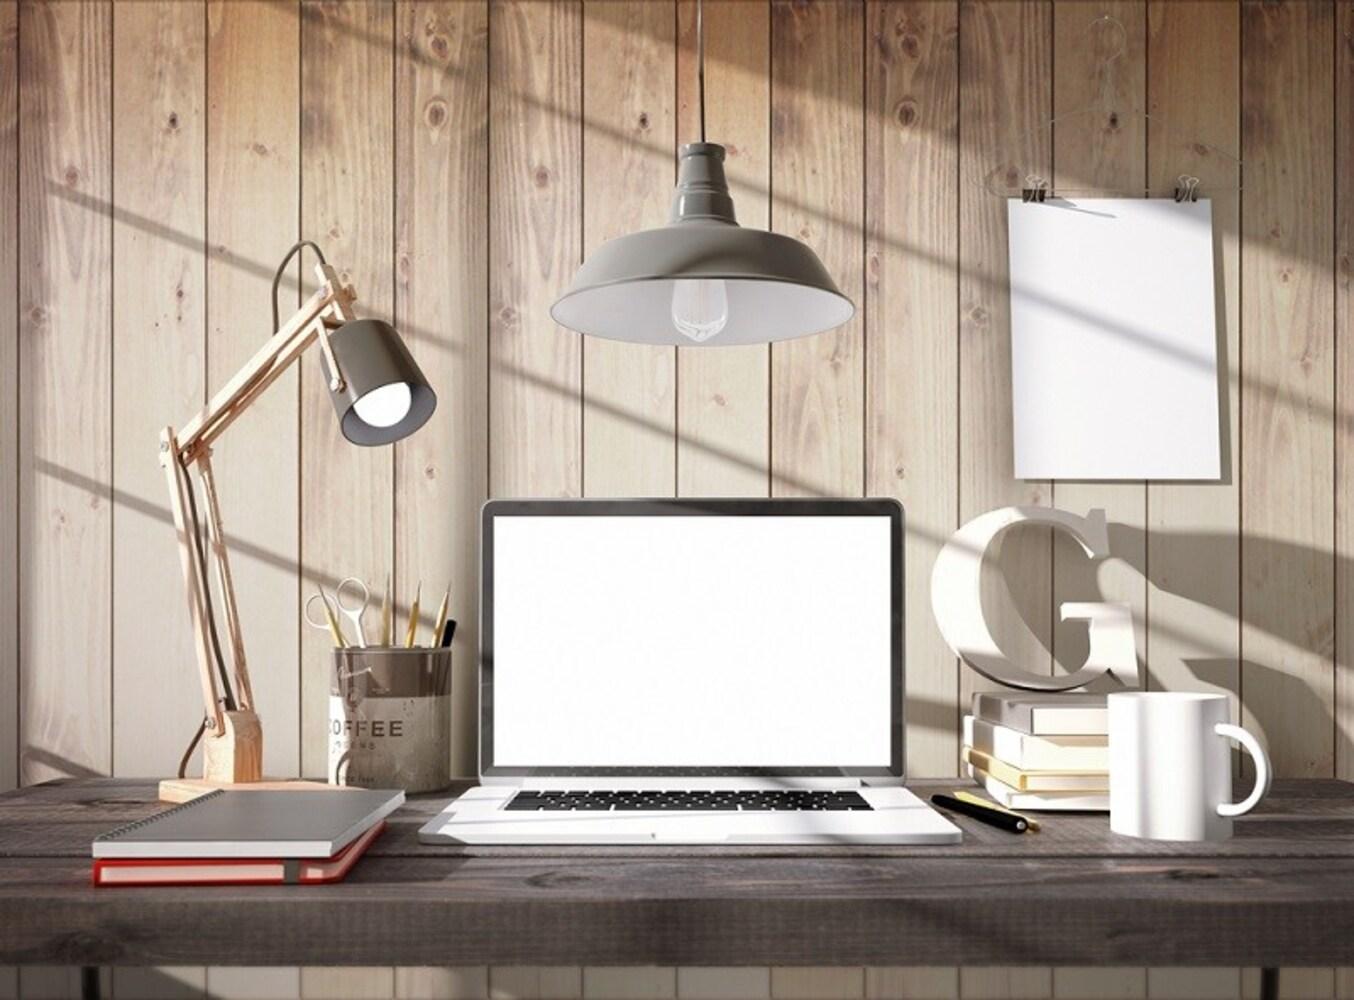 デスクライトとノートパソコン